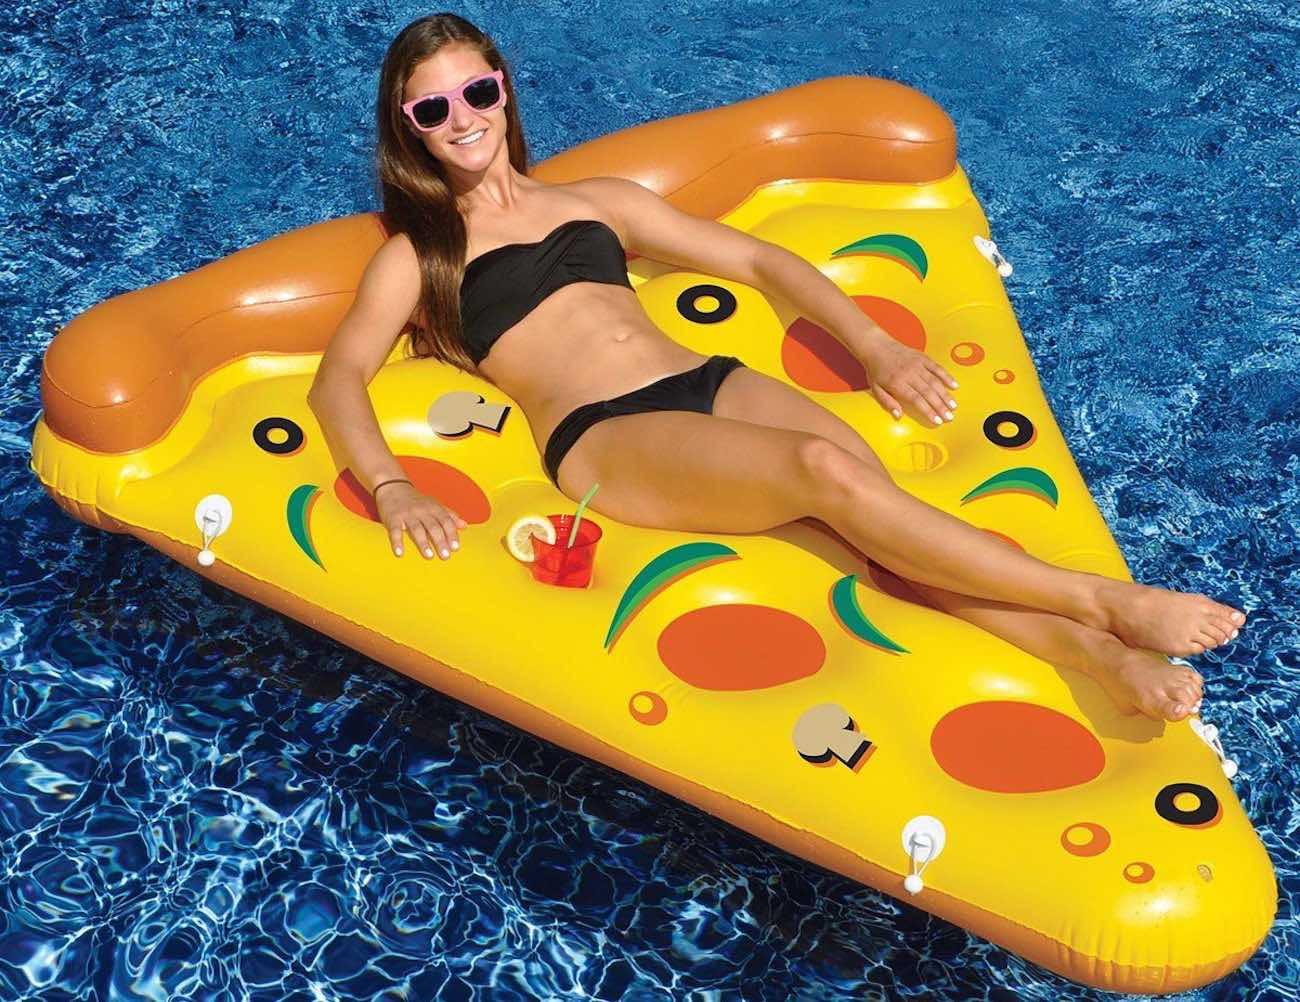 Pizza Slice Pool Float 01 - Los inventos más sorprendentes inspirados en la pizza